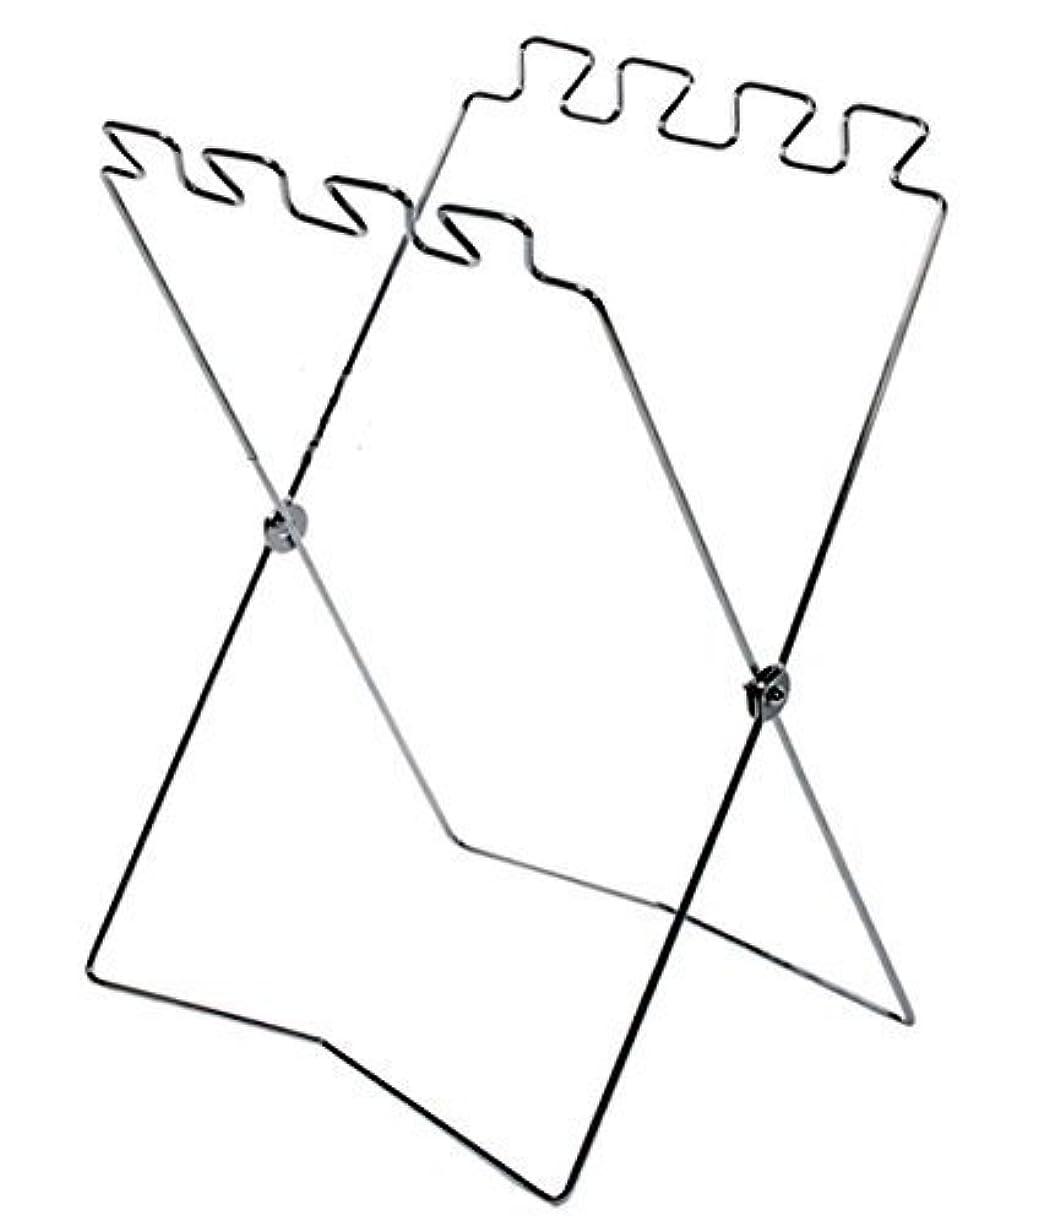 ビーチゼロ図書館J Covers ゴミネット 2x3mサイズ/ゴミ袋約7~10個用 カラス 鳩 犬 ネコ 除け 細かい網目 くくり付け用のヒモ付き ネット周囲おもりロープ入 (ブルー)